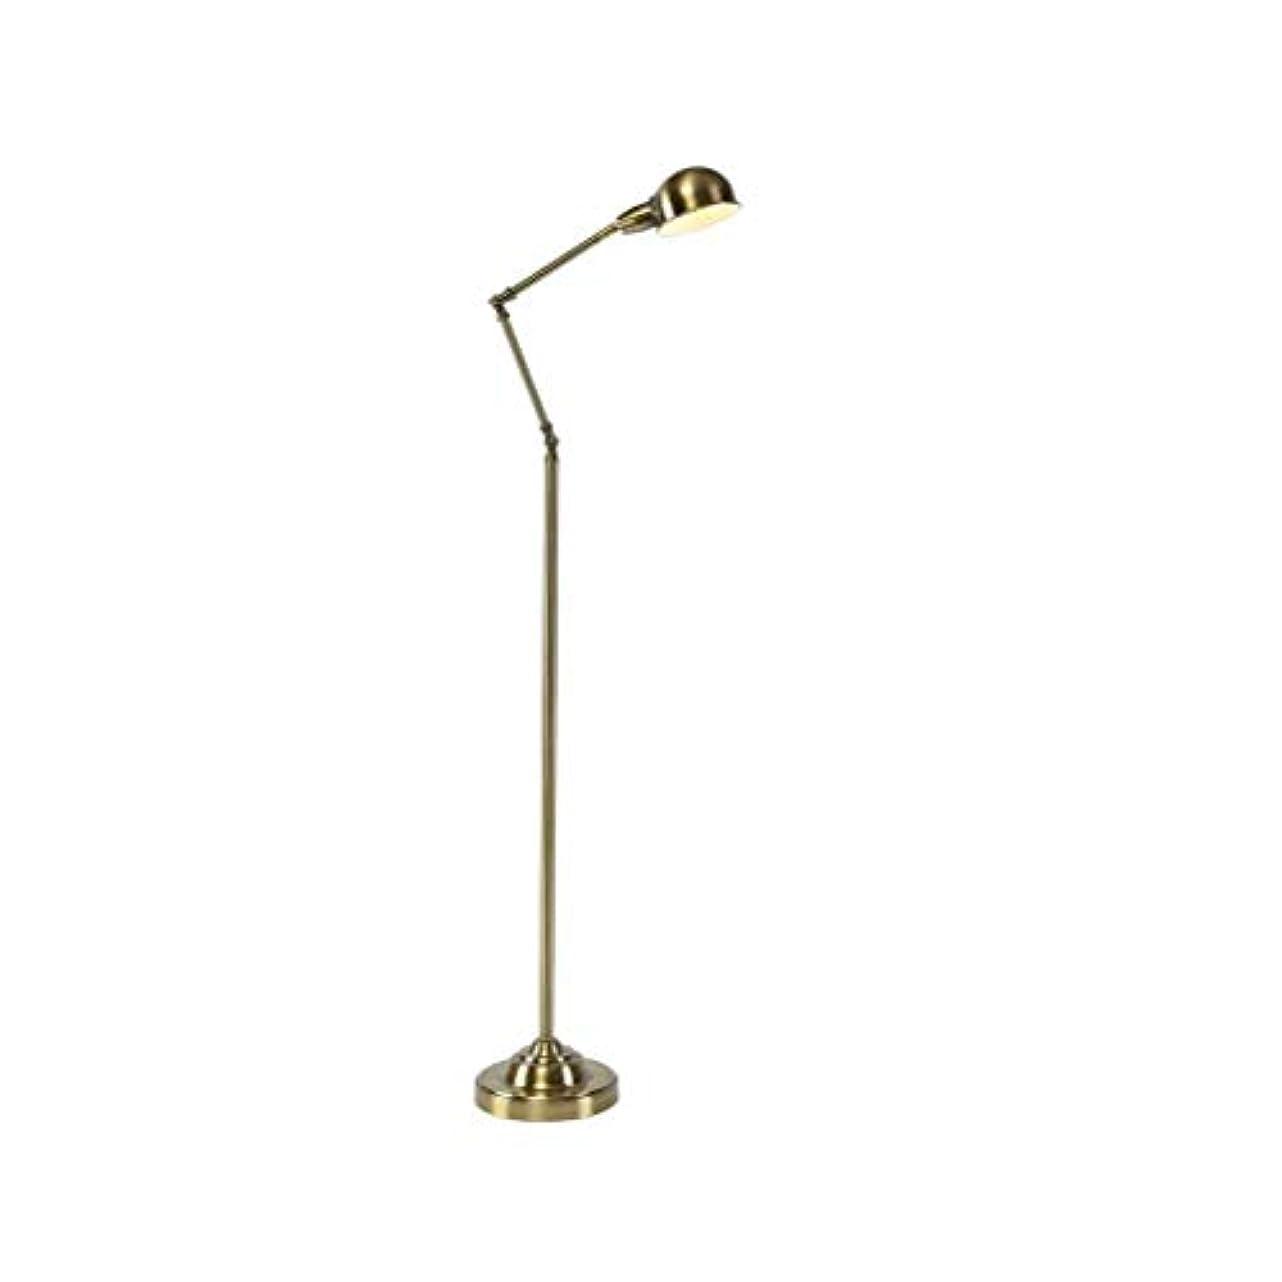 クラウン揺れる覚醒Nordicシンプルなフロアランプベッドルームベッドサイドソファヨーロッパの鉄の垂直ランプ W04/30